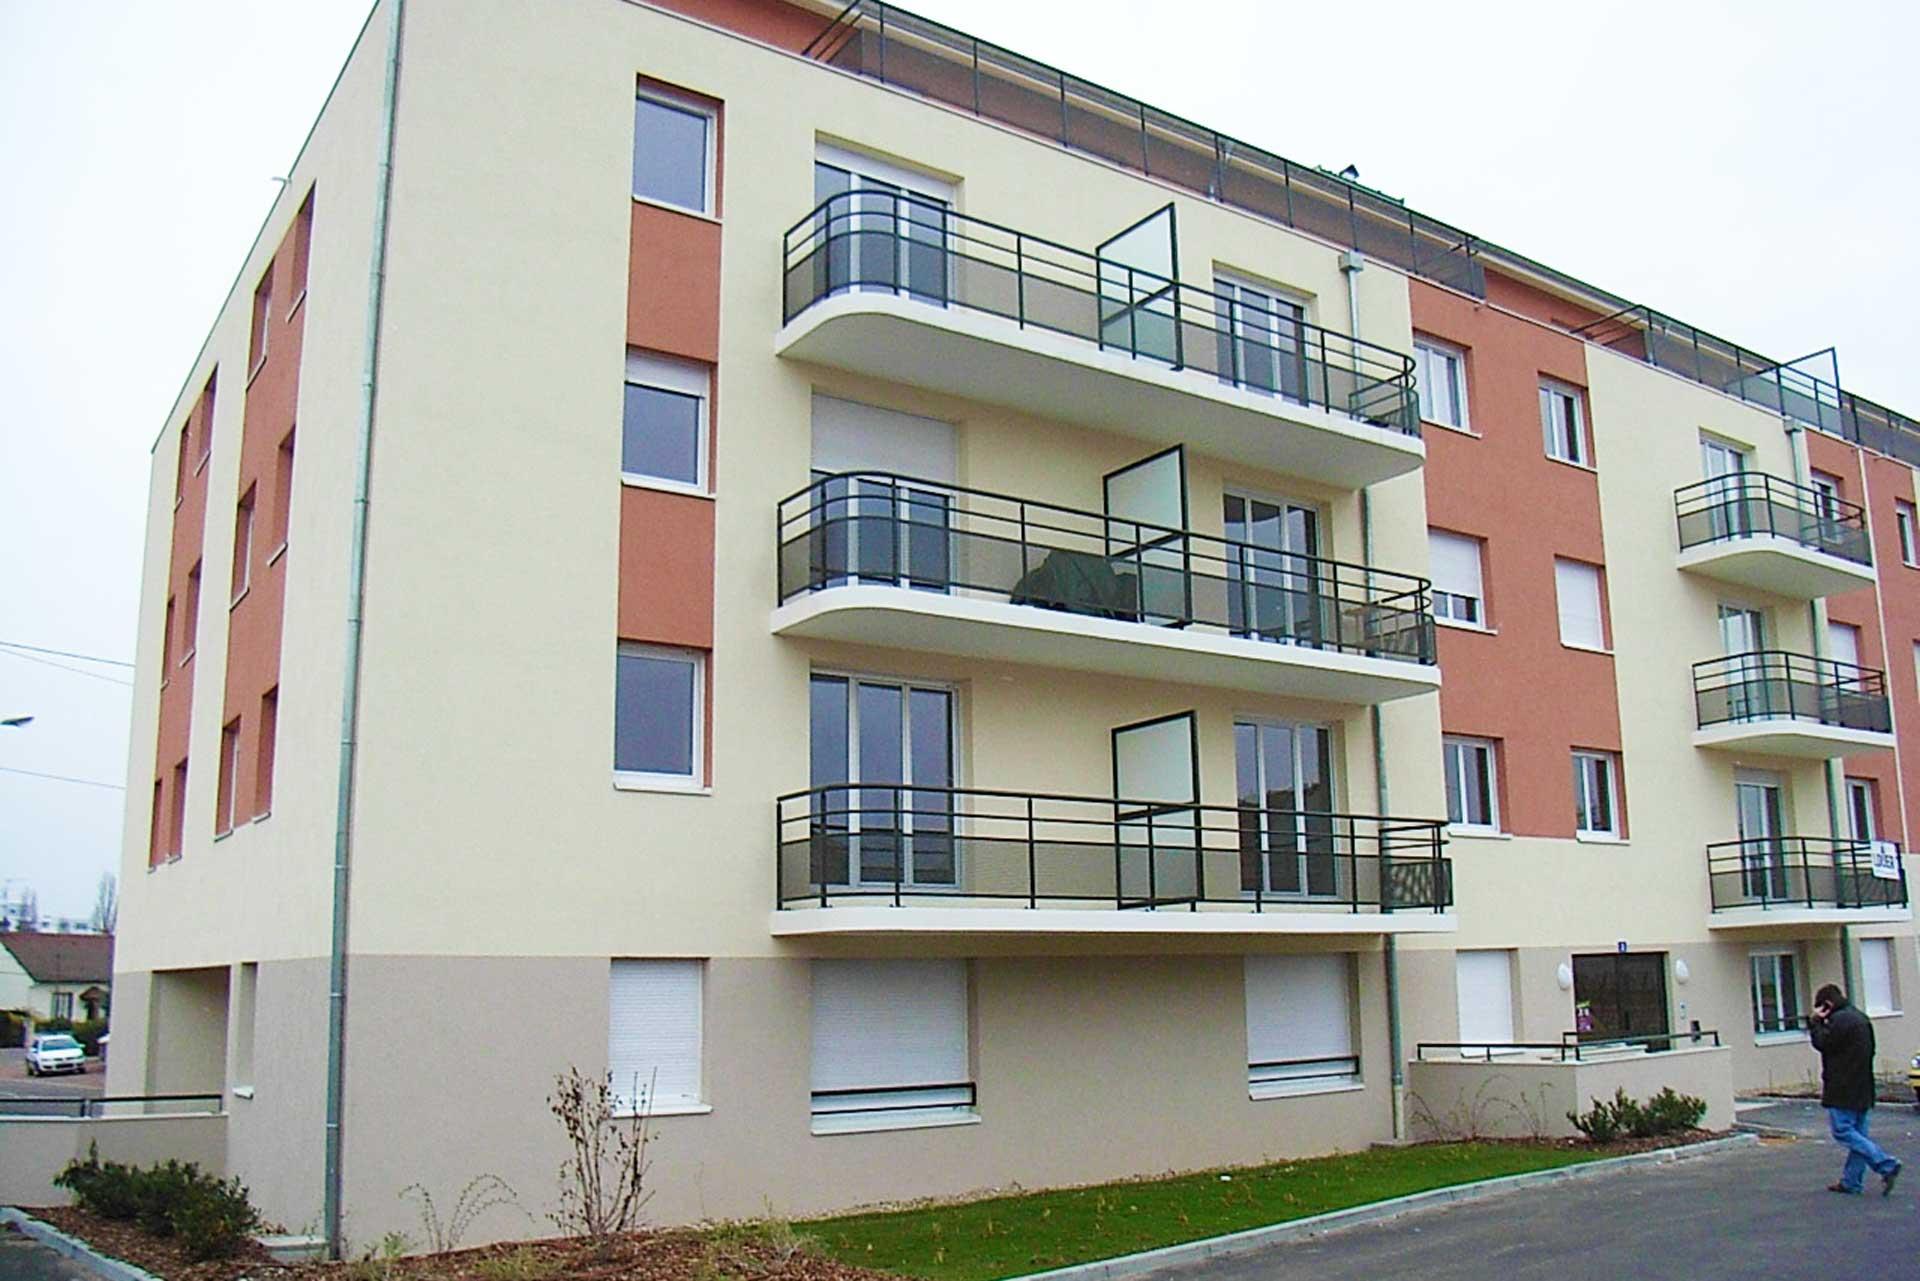 123-logement-libellules-img-(1)